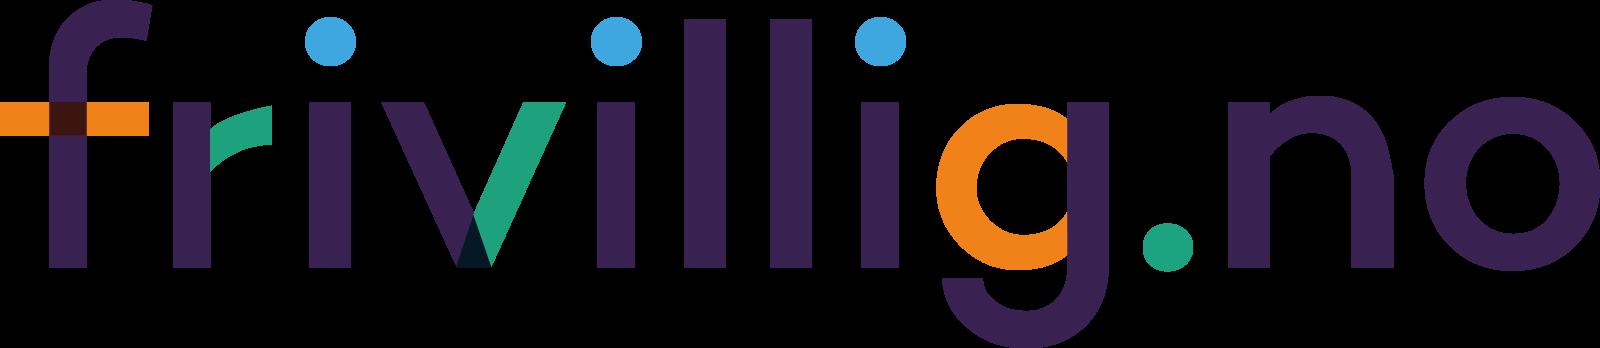 Logo Frivillig.no i farger til skjerm